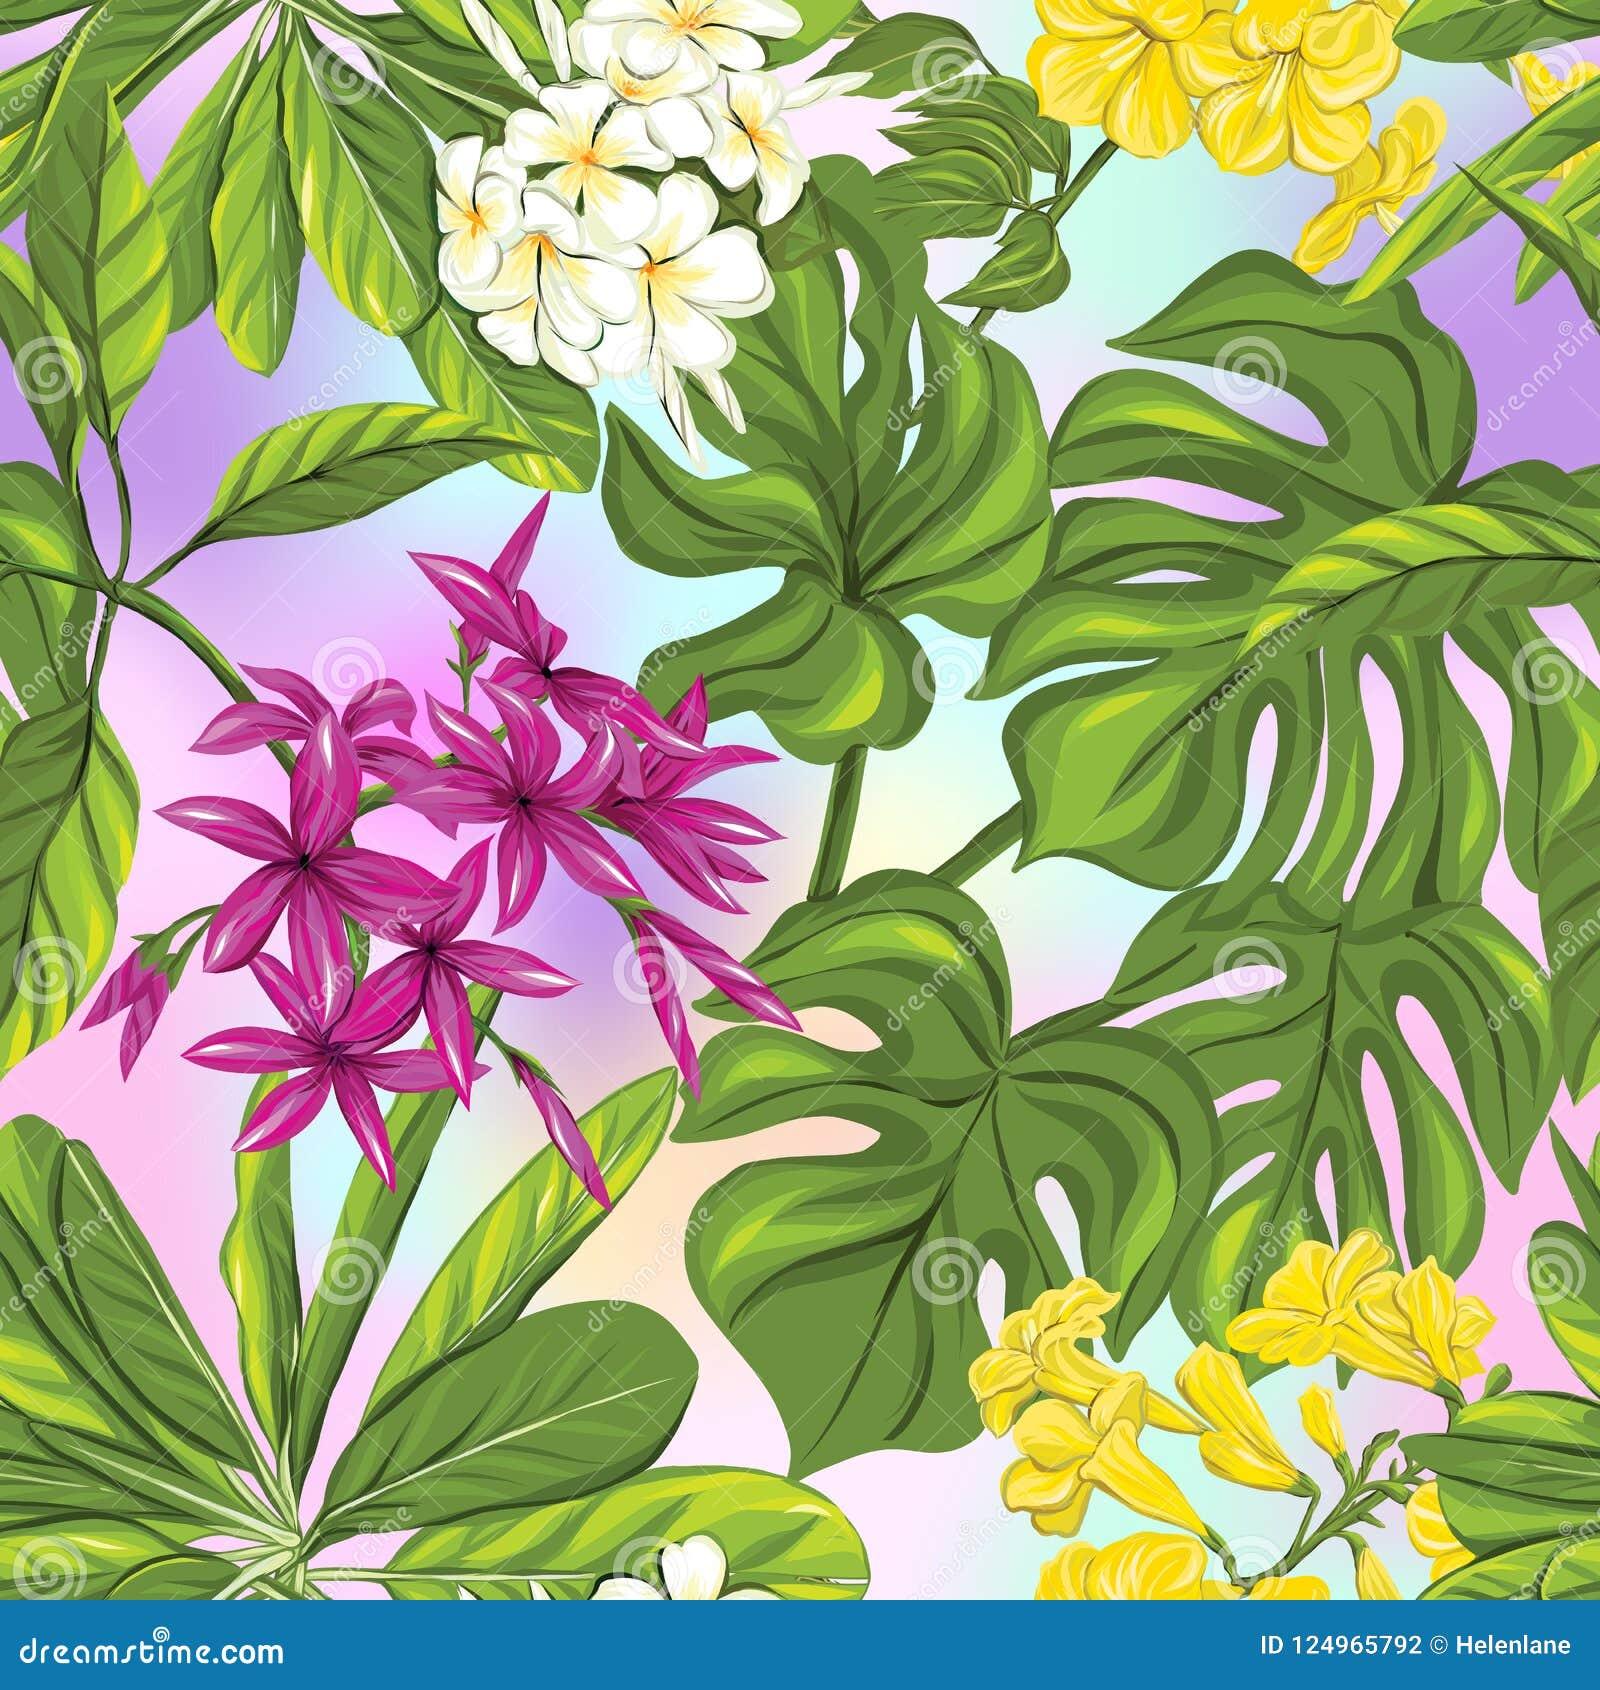 Naadloos patroon, achtergrond met tropische installaties: monstera, strelitzia, bougainvillea,